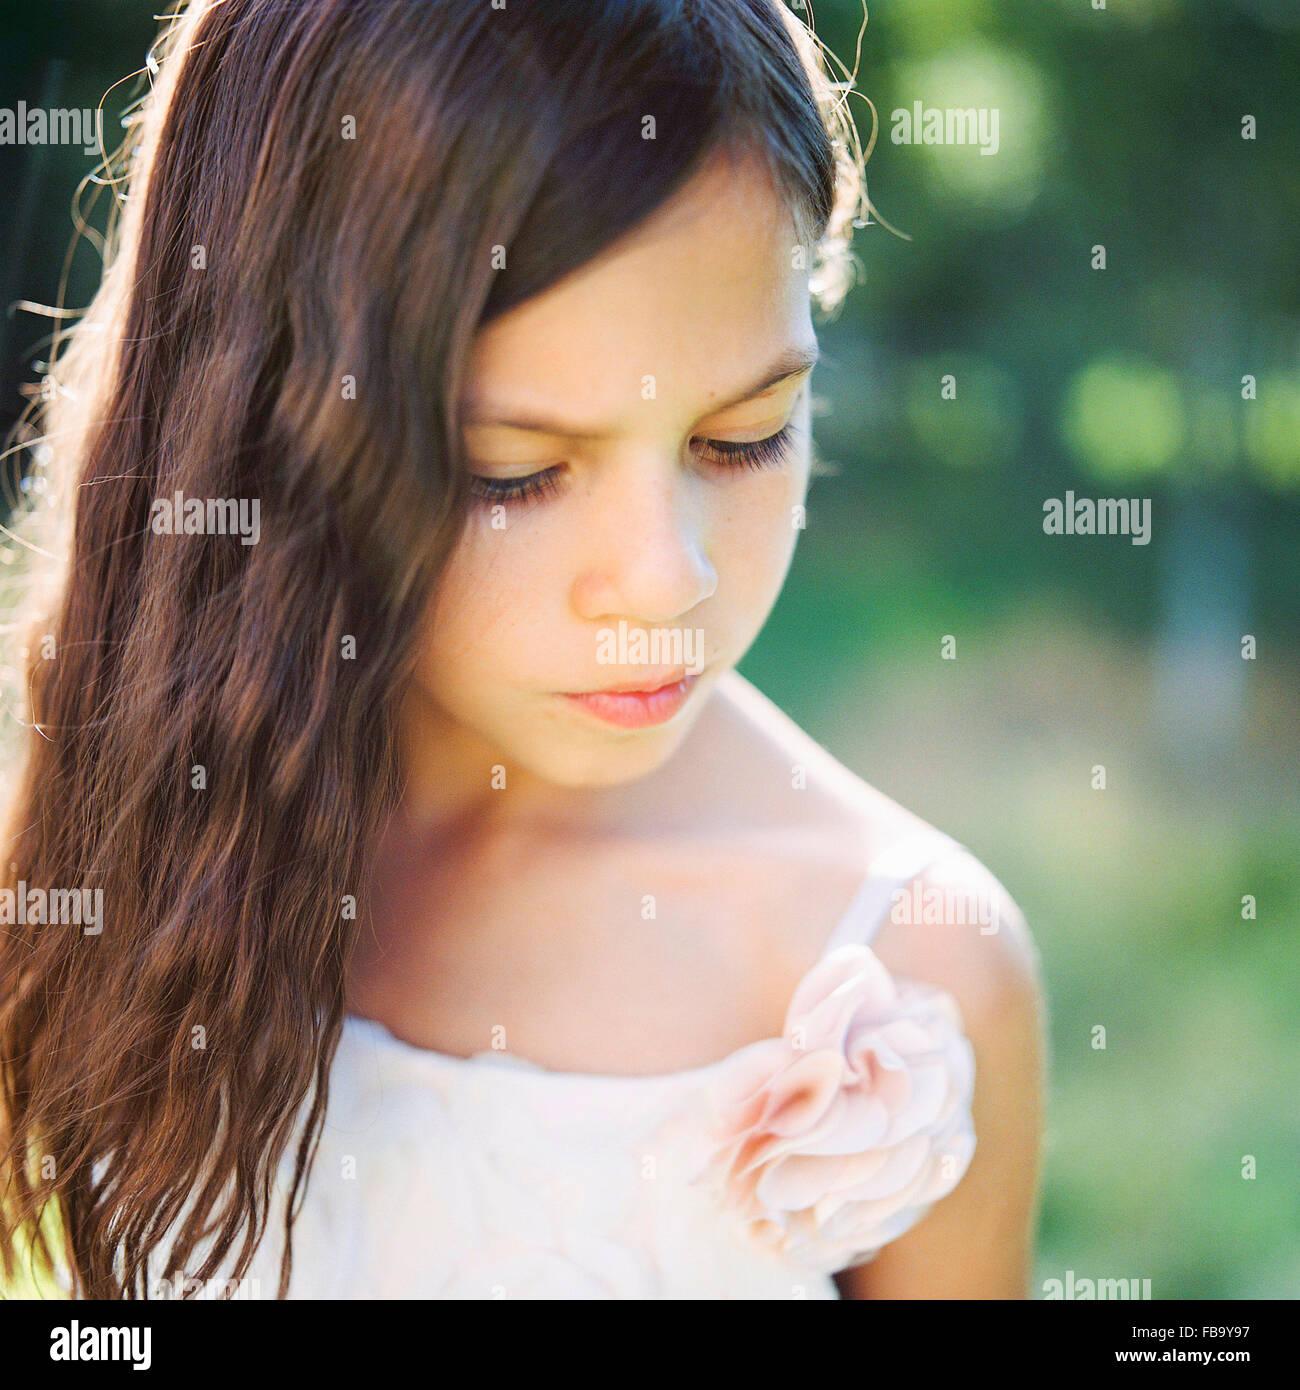 La Svezia, Vastmanland, Ritratto di una ragazza (6-7) in abito bianco Immagini Stock